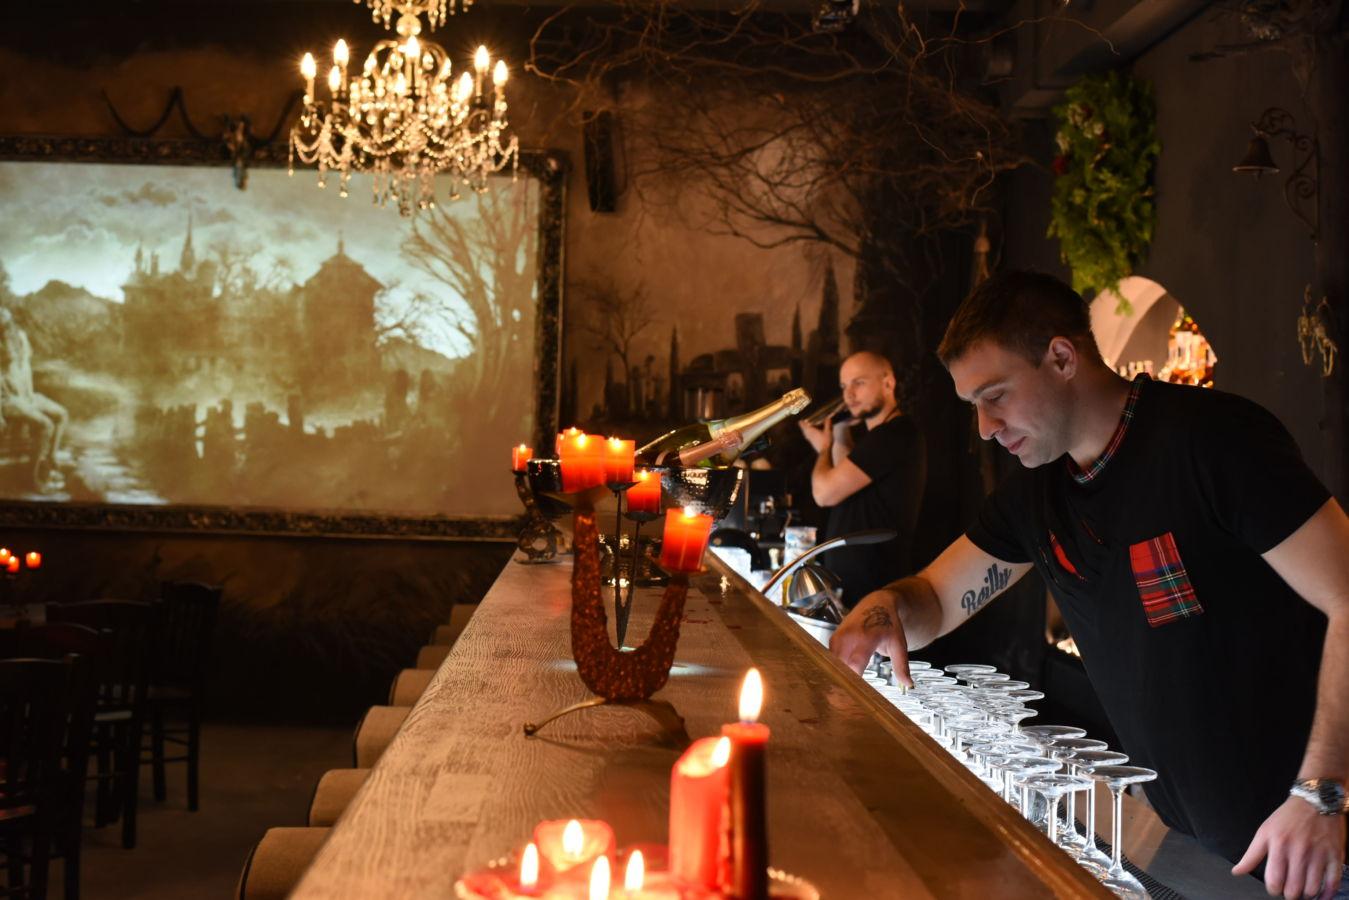 V Praze se otevírá nový bar s hororovým prostředím